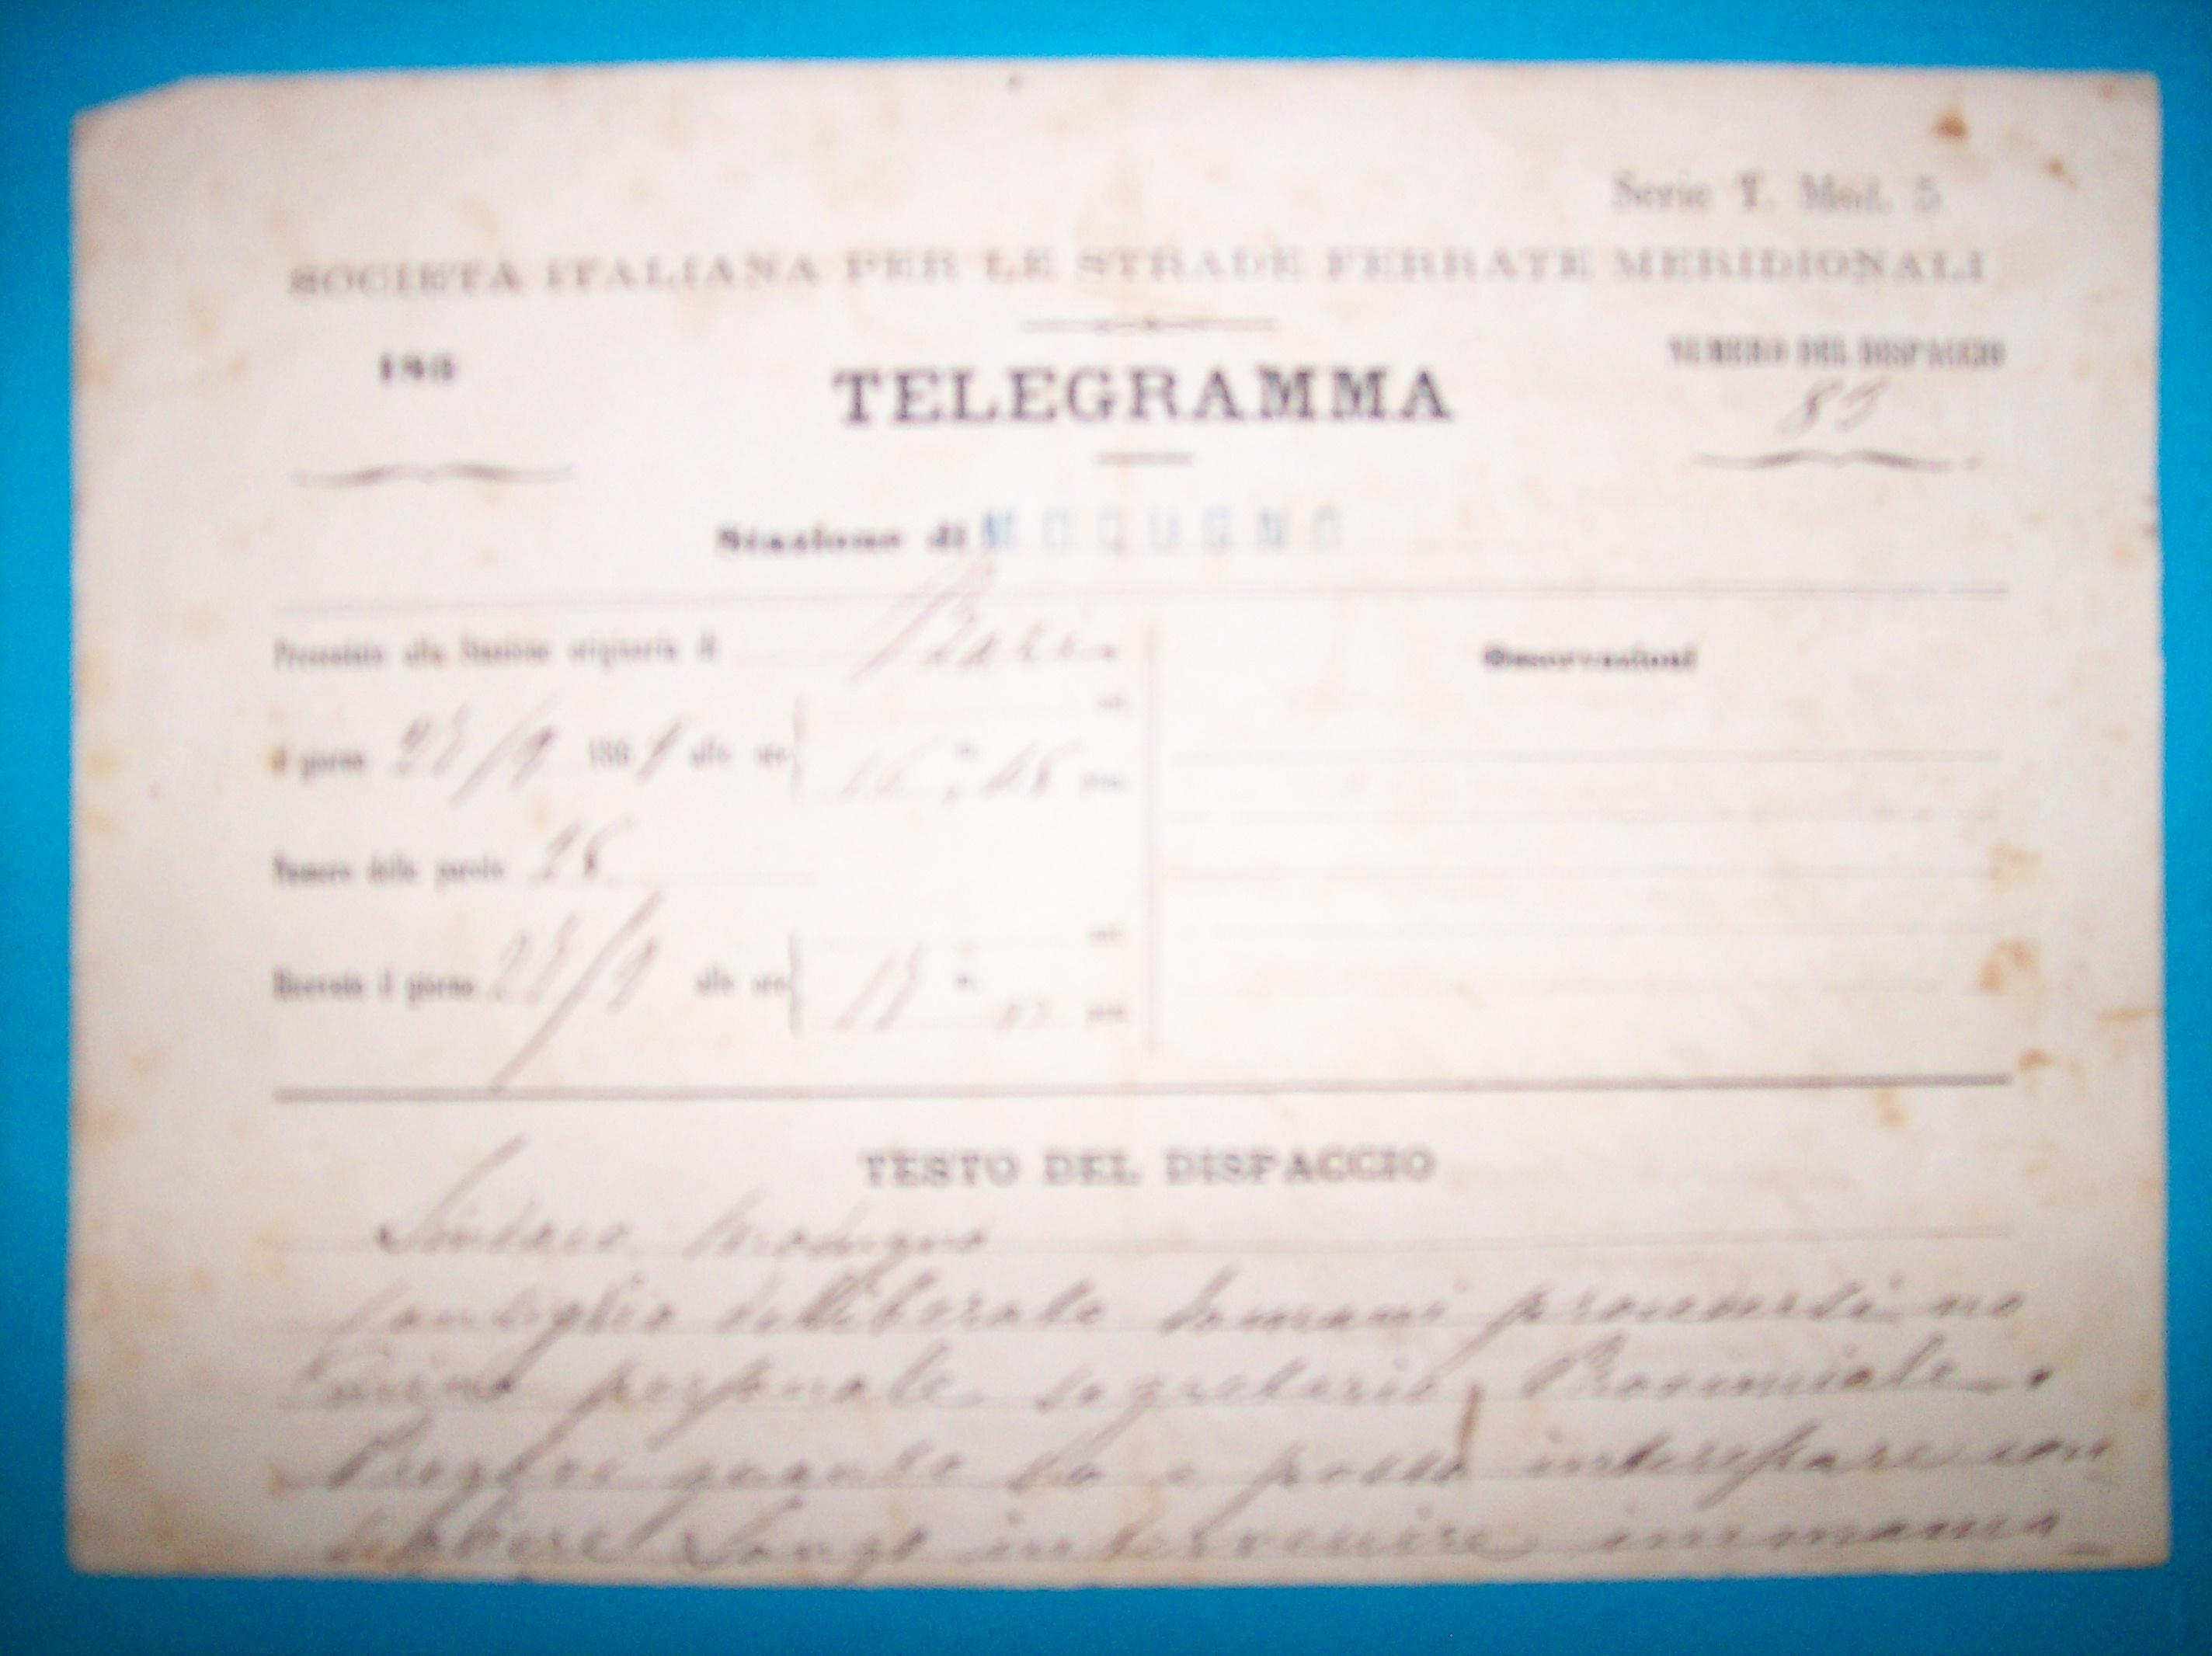 script di scambio in telegramma